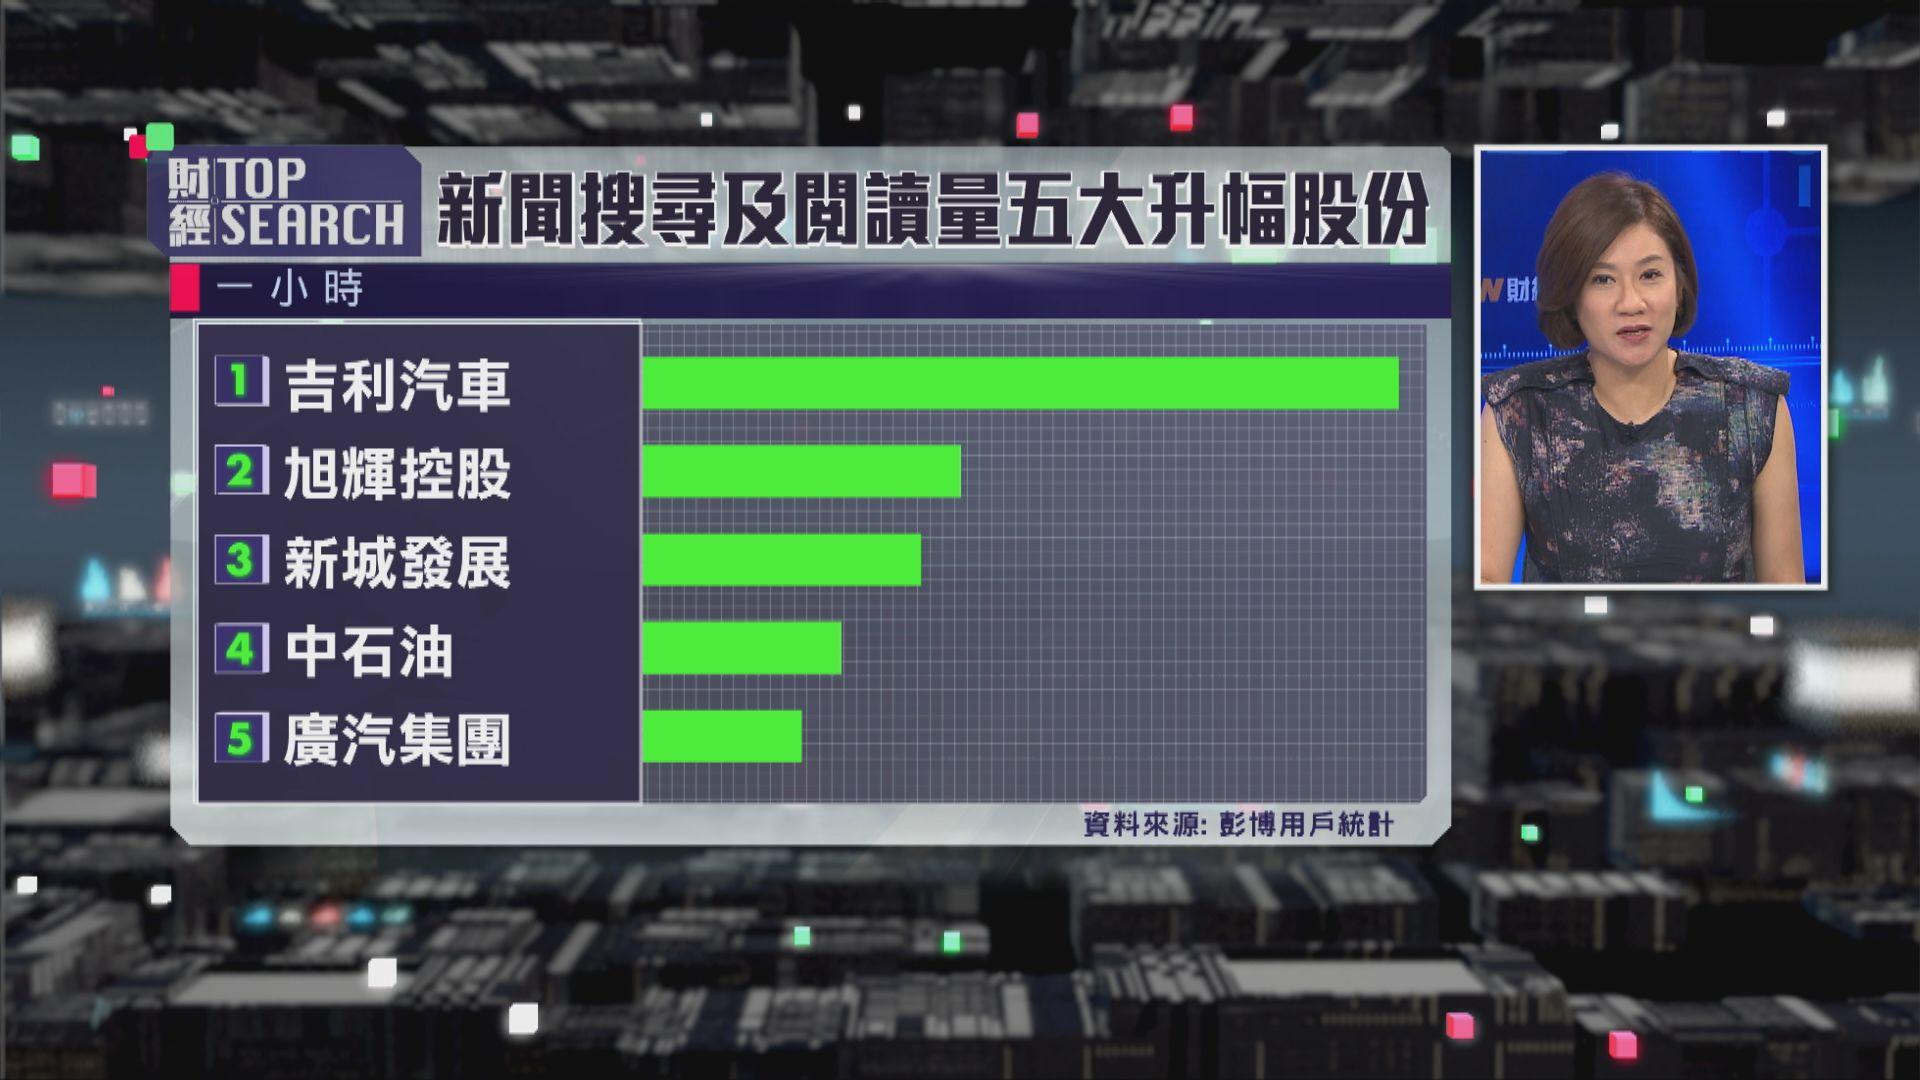 【財經TOP SEARCH】車股下半年「死火」?